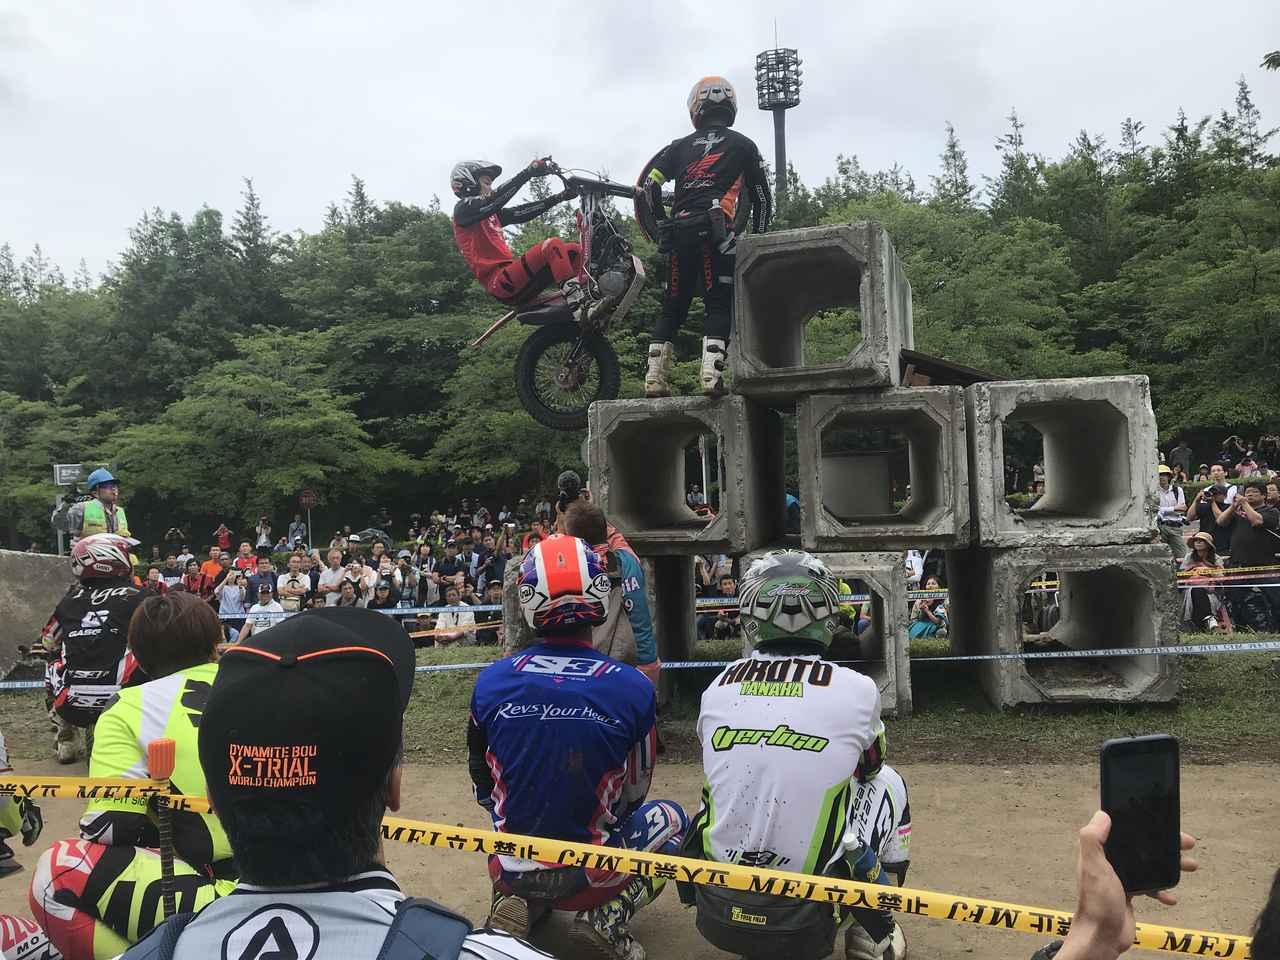 画像2: 6月22日の全日本ロードレースに引き続き、翌23日はツインリンクもてぎの全日本トライアルへ!